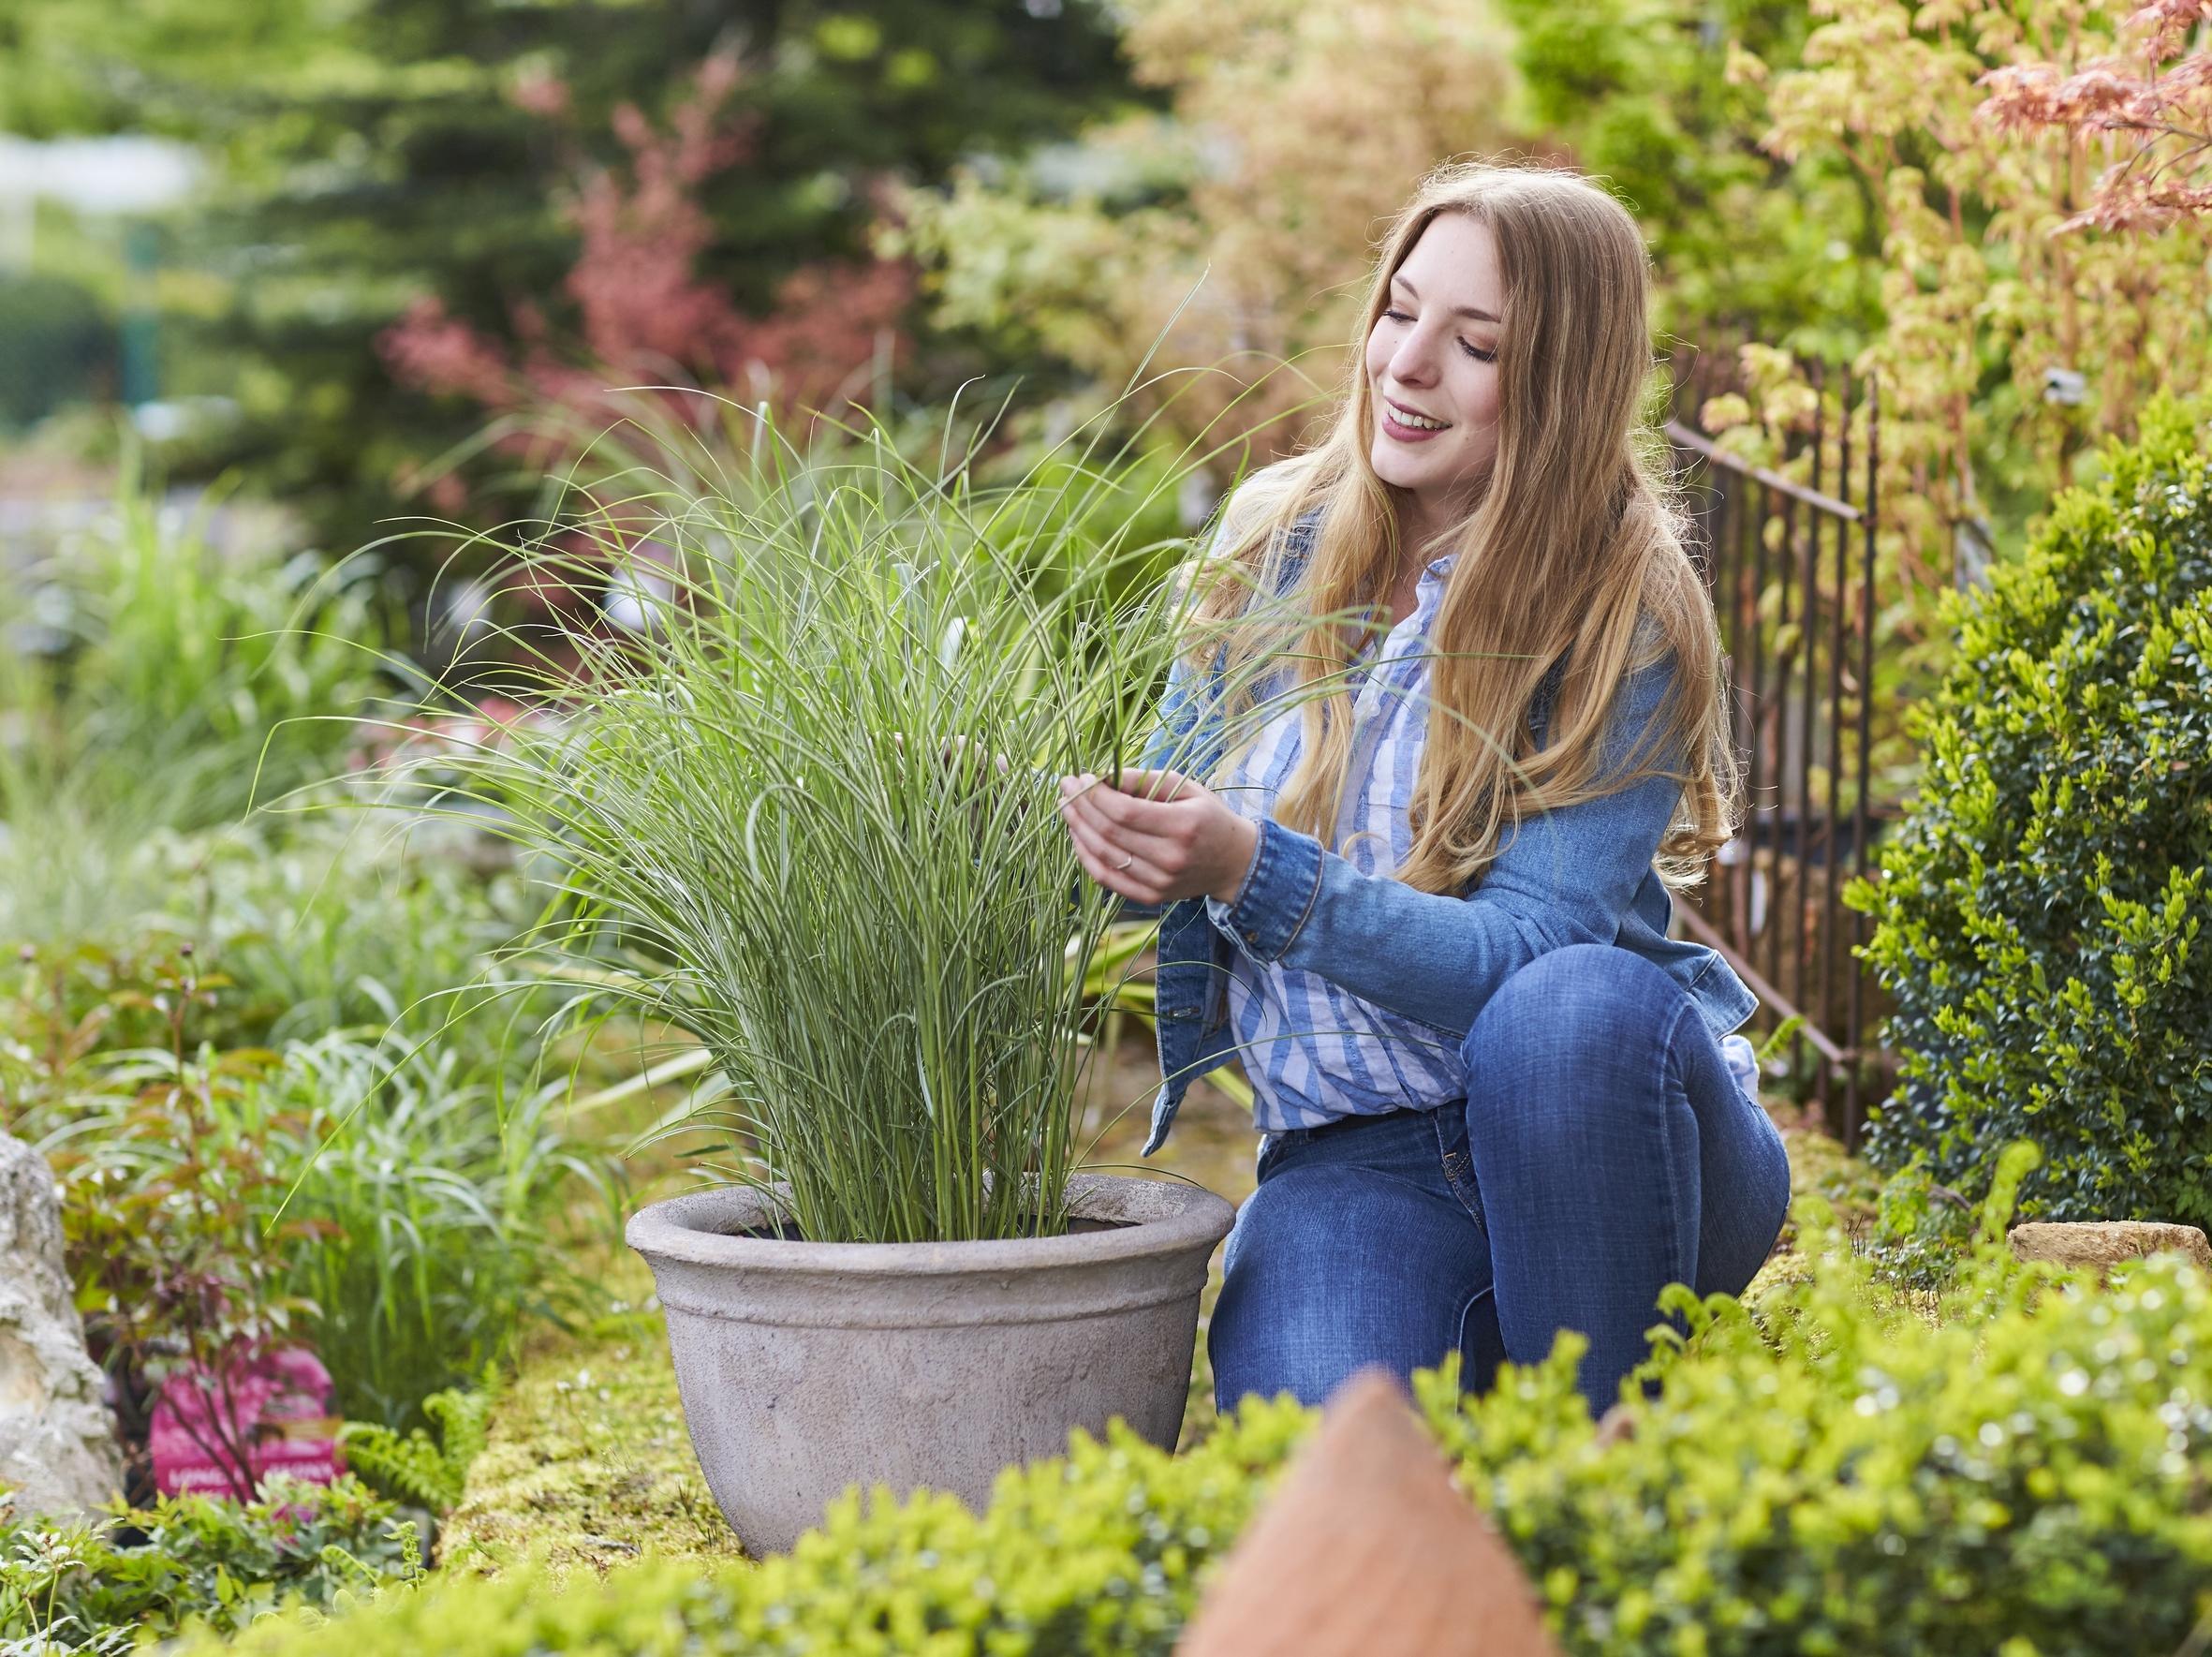 Quelle der Freude: Blumen und Pflanzen stärken das seelische Wohlbefinden